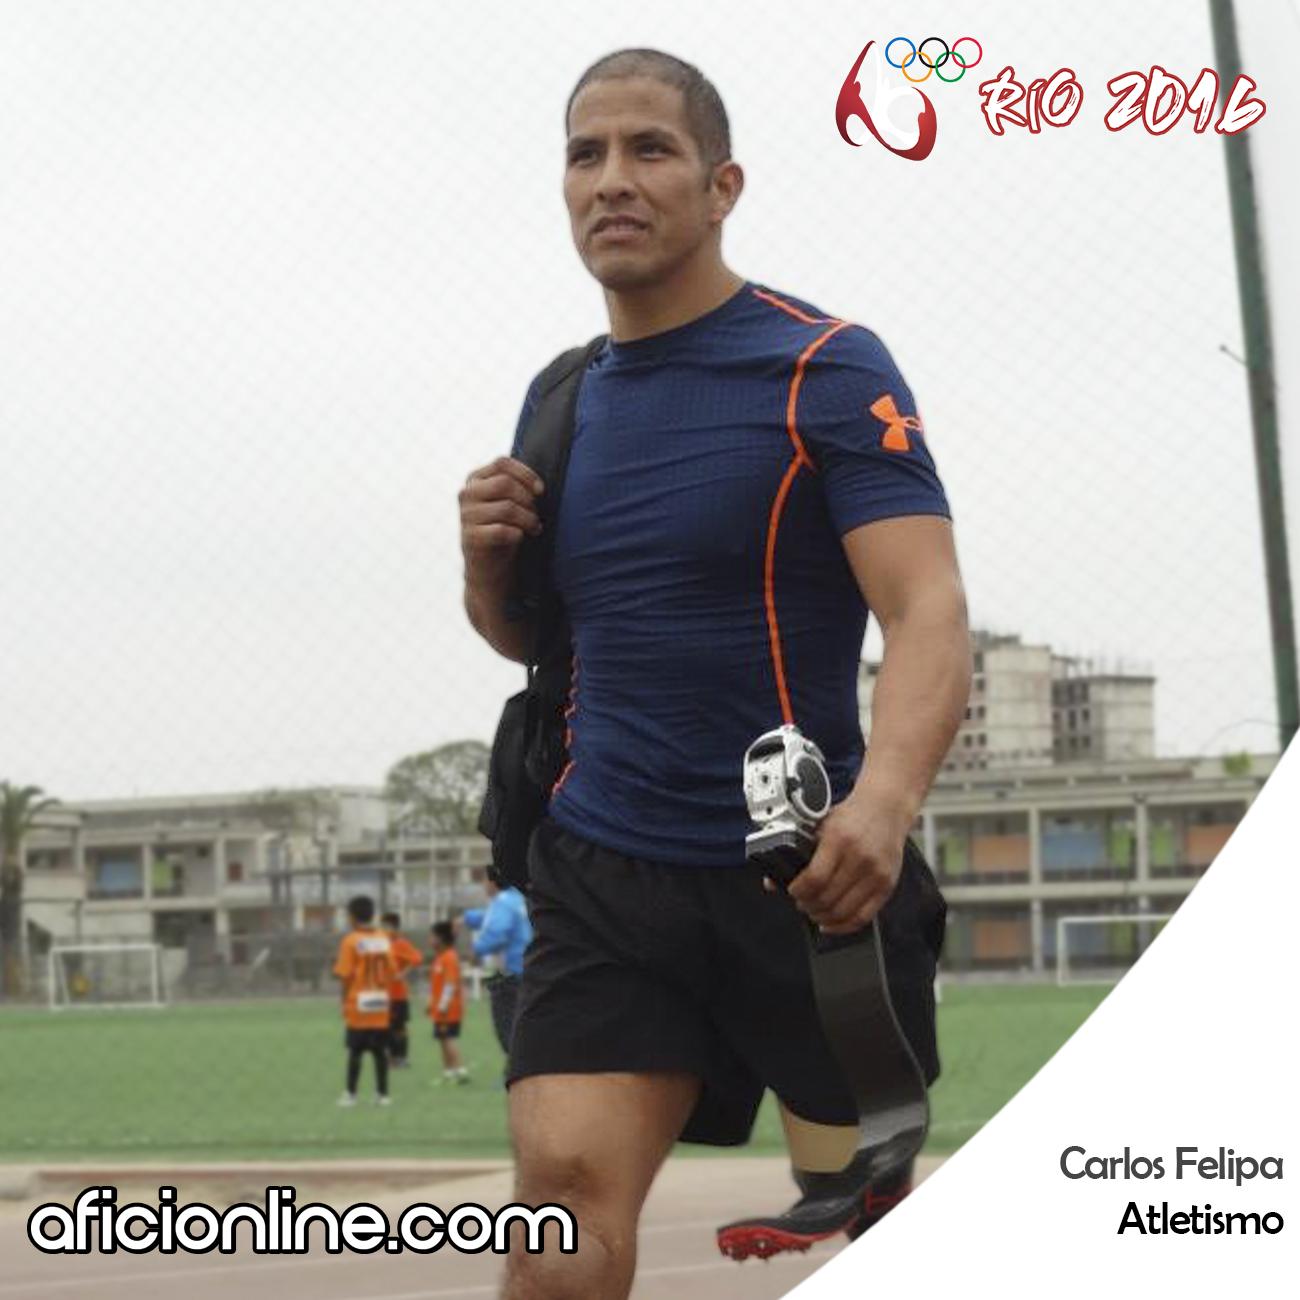 CARLOS FELIPA